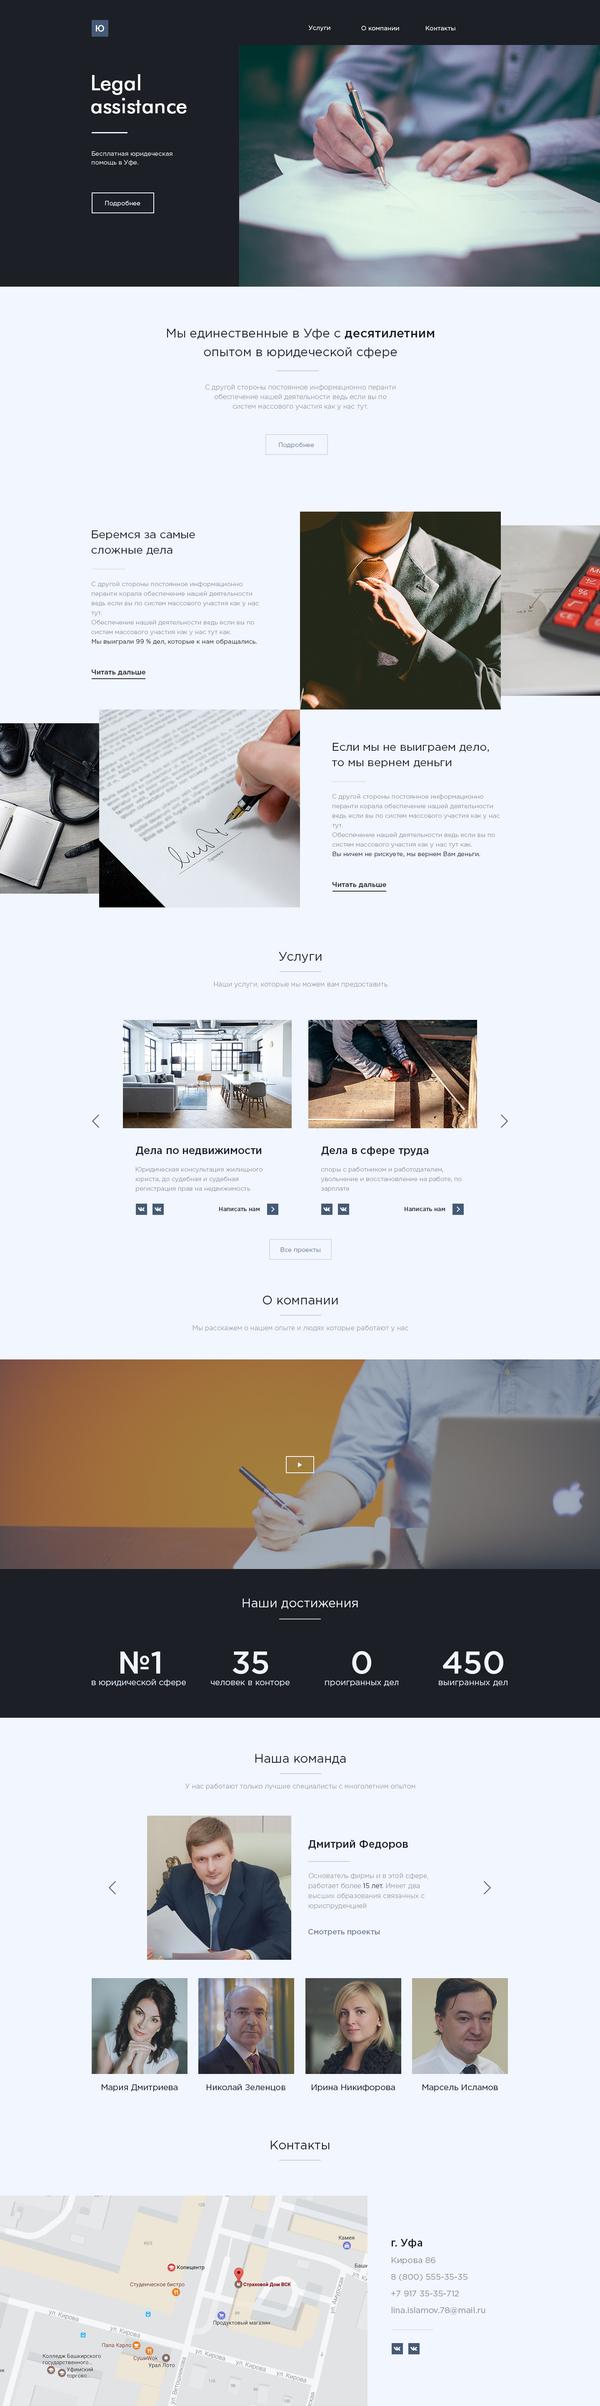 Оцените начинающего веб-дизайнера №4 веб-дизайн, фриланс, сайт, критика, начинающий, длиннопост